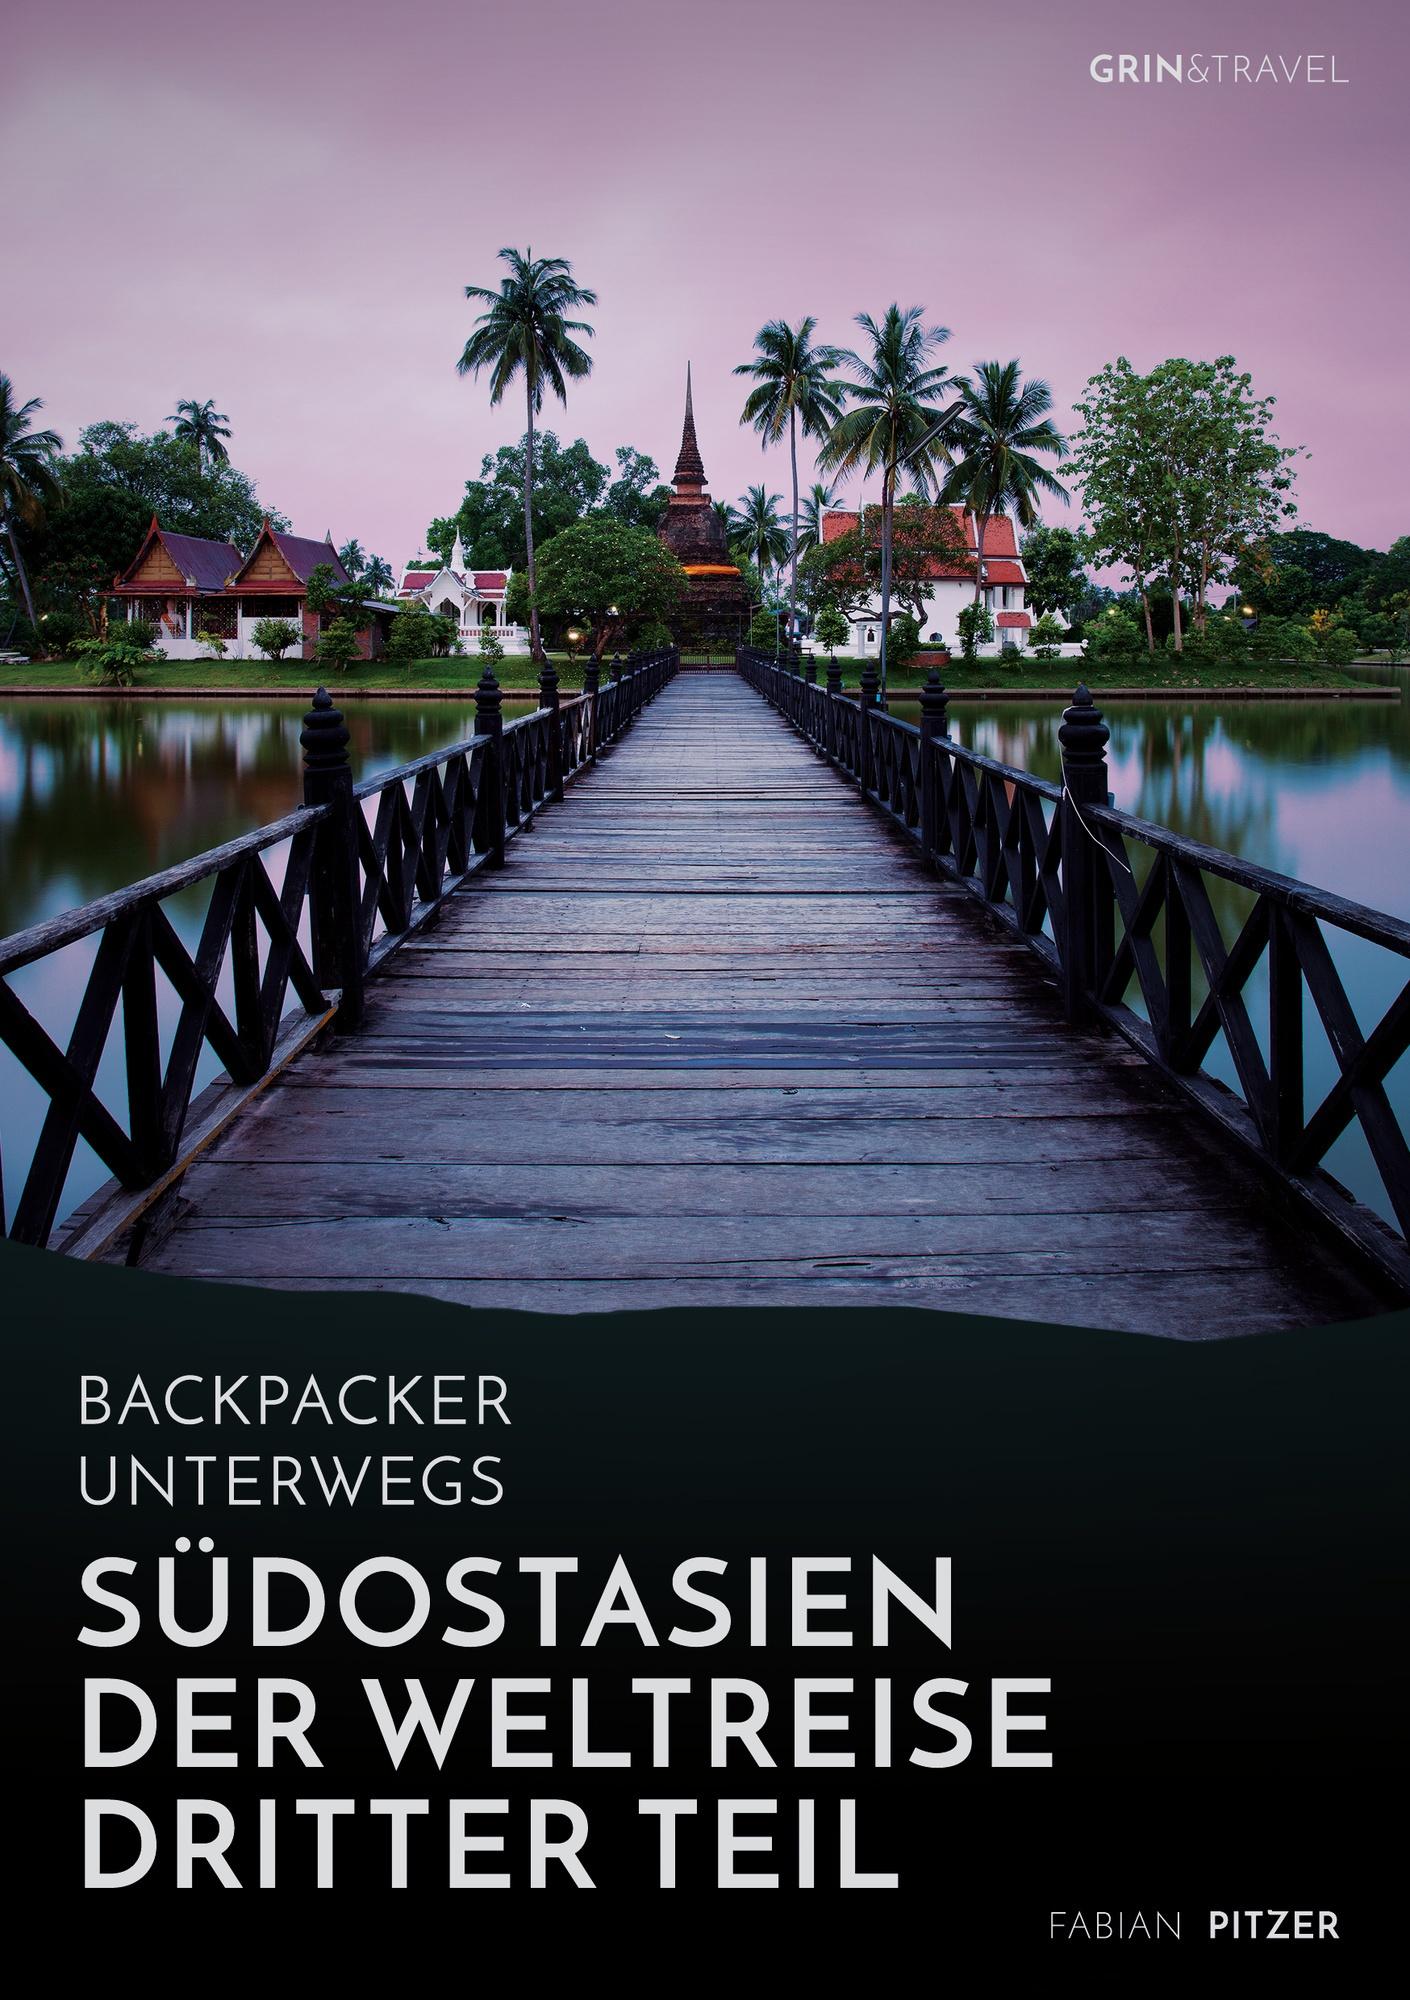 Titel: Backpacker unterwegs: Südostasien - Der Weltreise dritter Teil: Thailand, Laos, China, Vietnam, Kambodscha und Myanmar